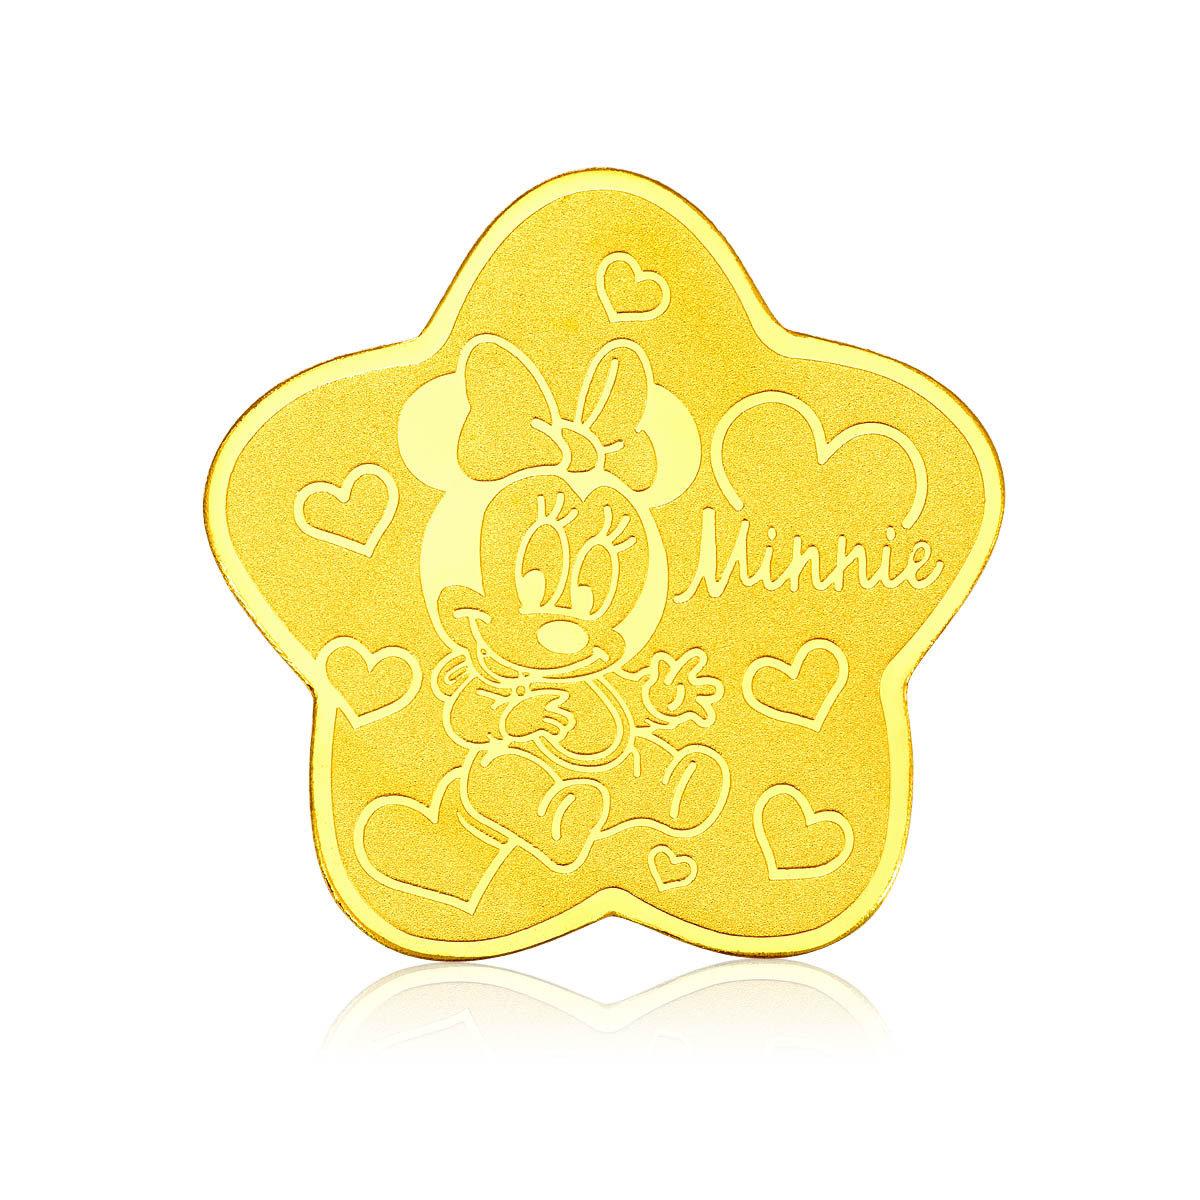 迪士尼經典系列999.9黃金工藝精品金章